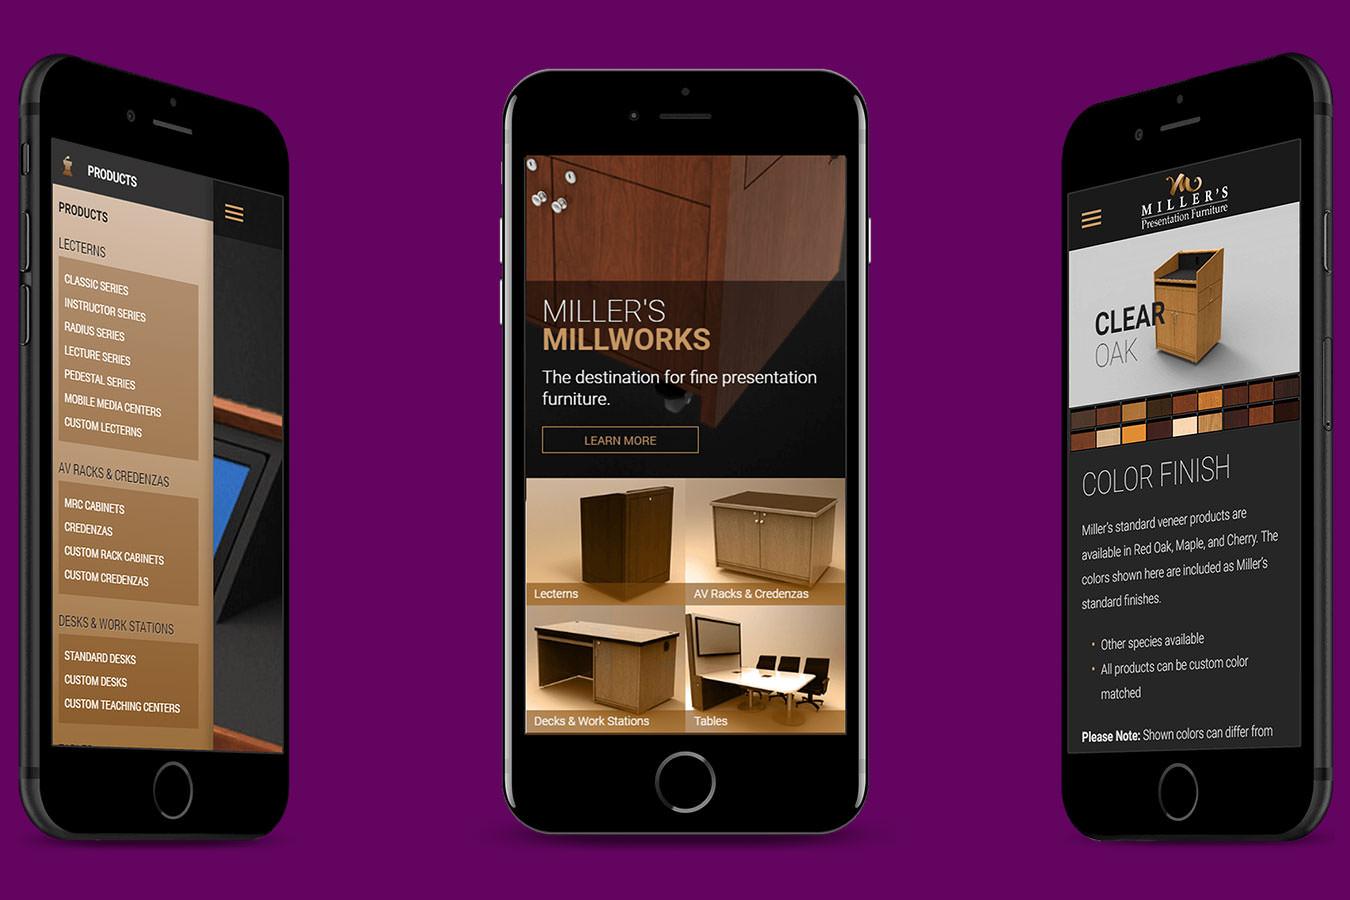 Miller's website displayed on 3 smartphones